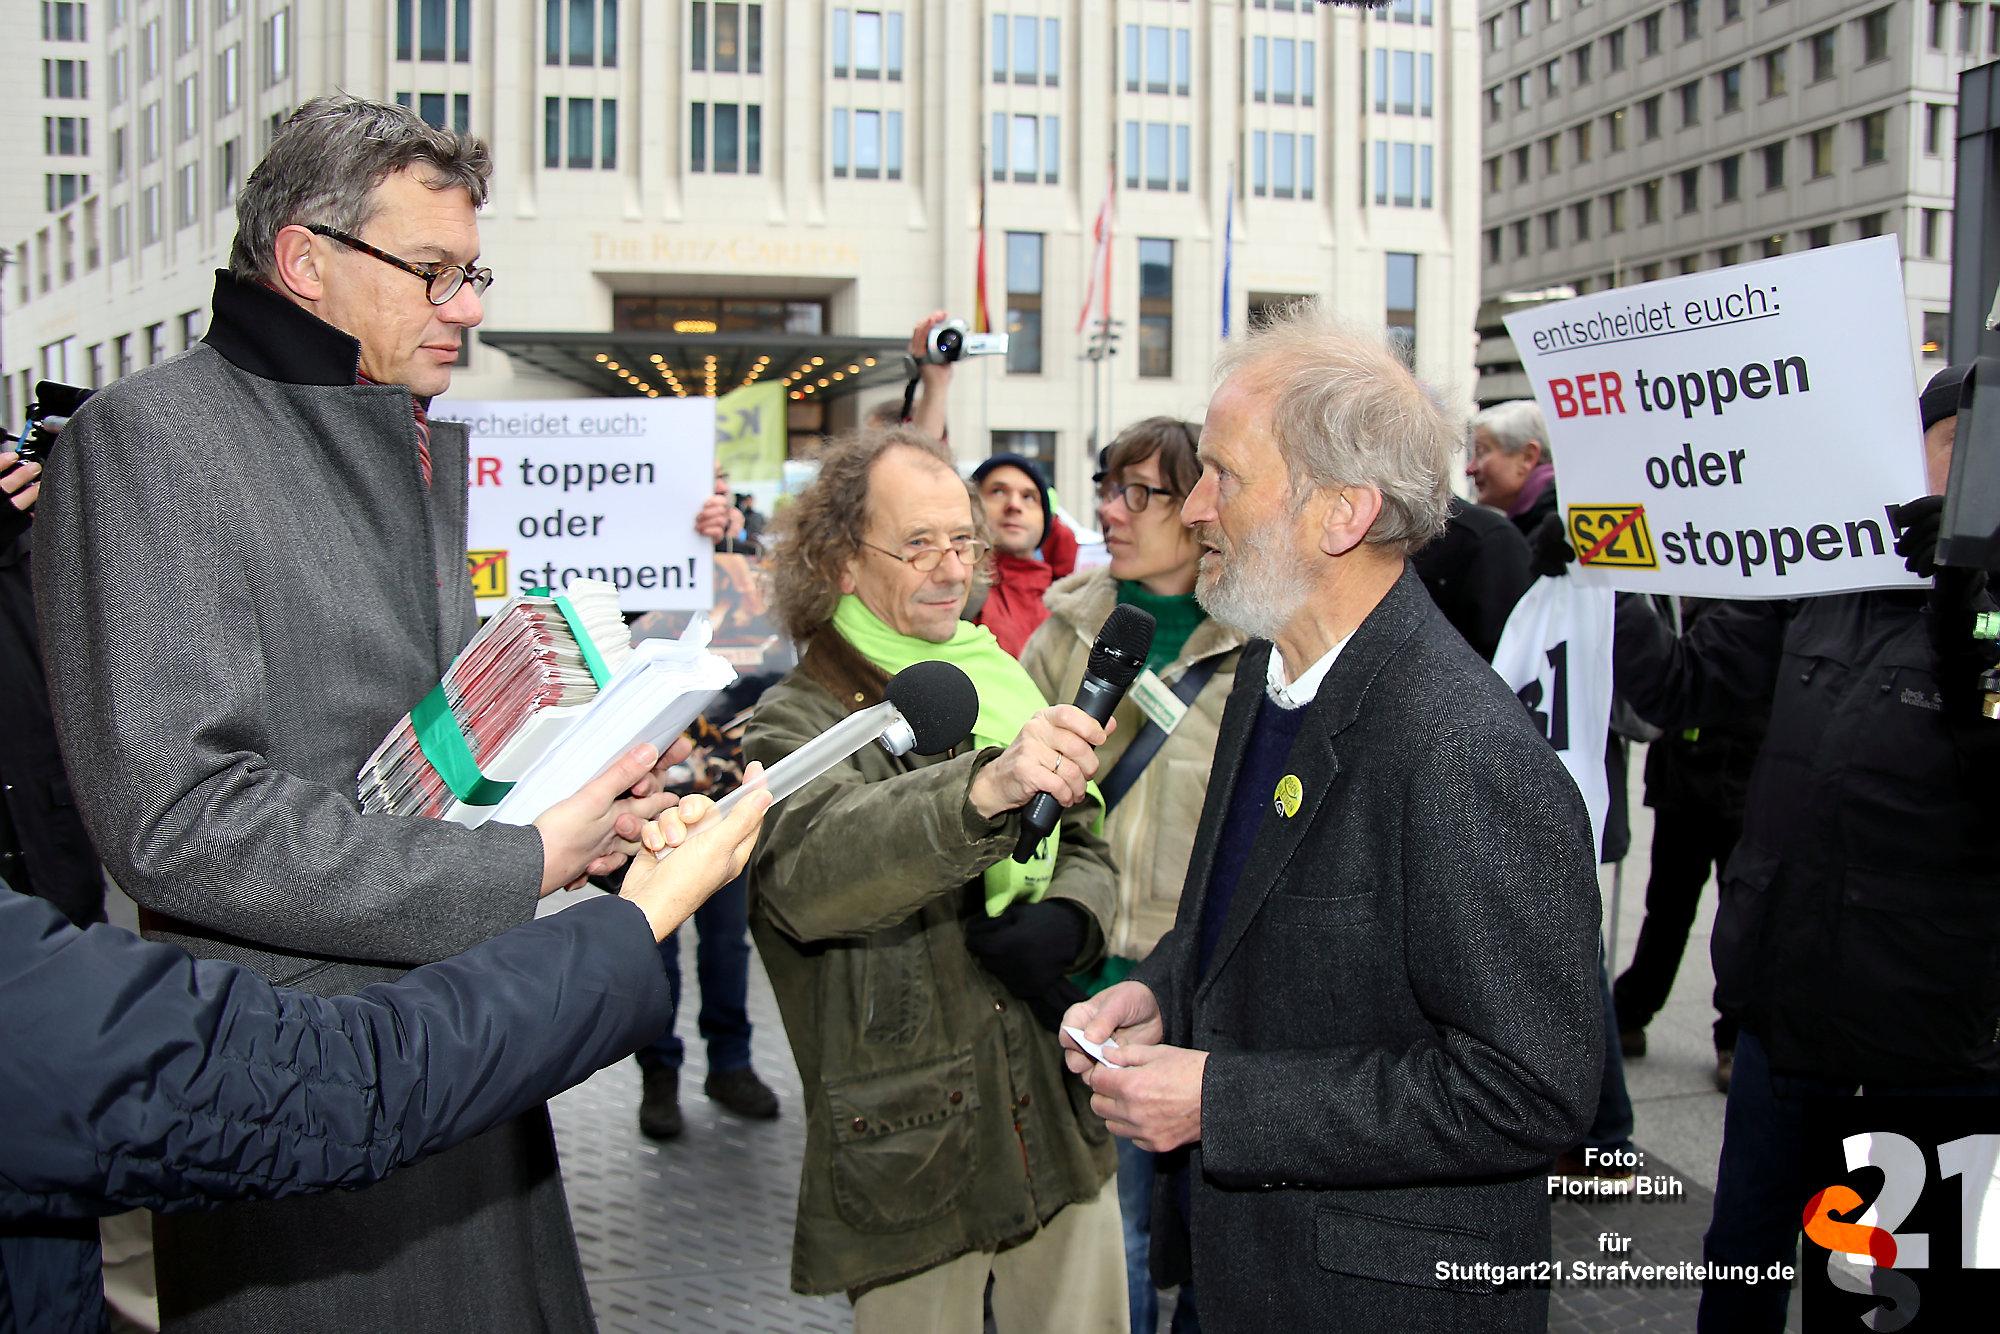 Dr. Eisenhart von Loeper, Sprecher des Aktionsbündnis gegen Stuttgart 21 übergibt Achim Strauß, stellv. Leiter der Konzernpressestelle Deutsche Bahn AG, ein Bündel mit Unterschriften und ein Gutachten